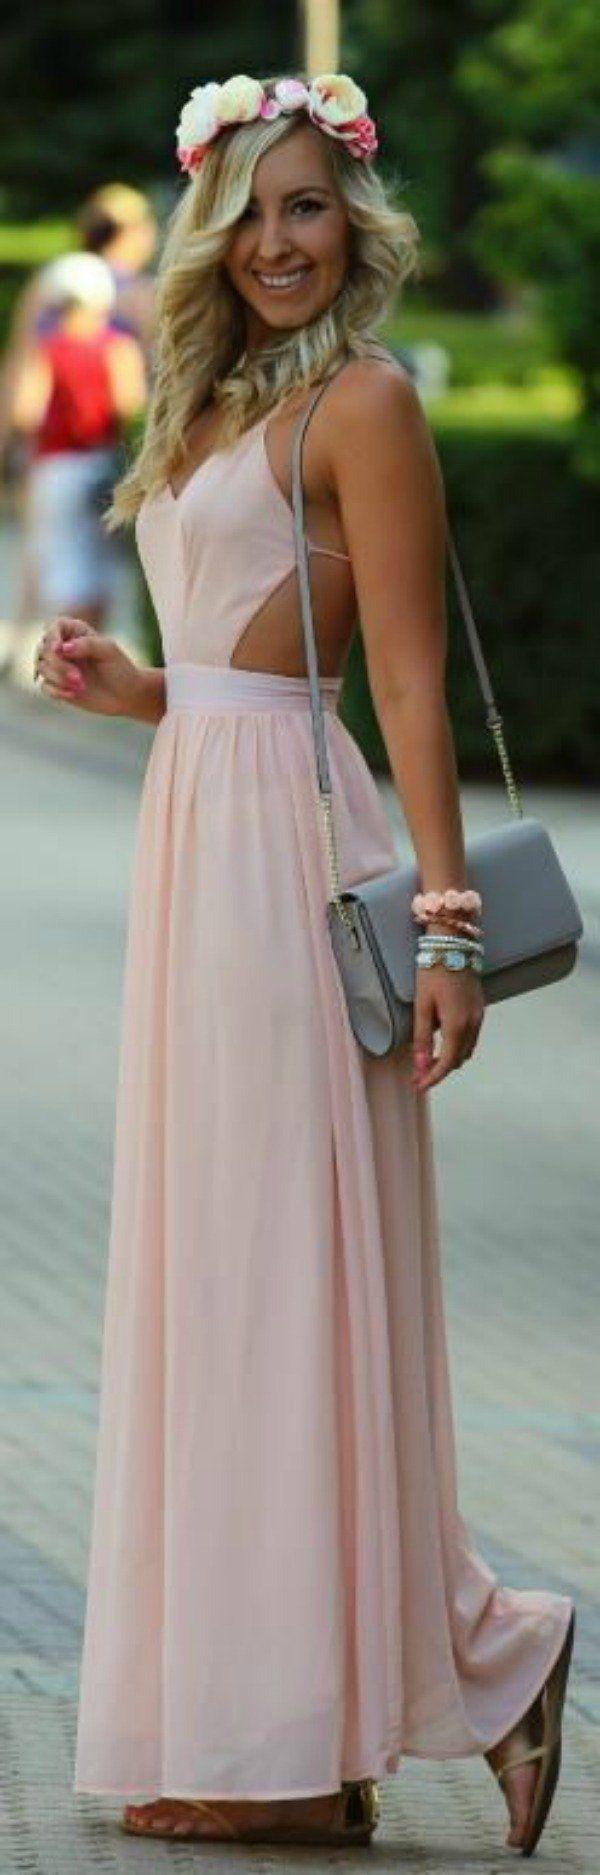 vestido rosa frente única